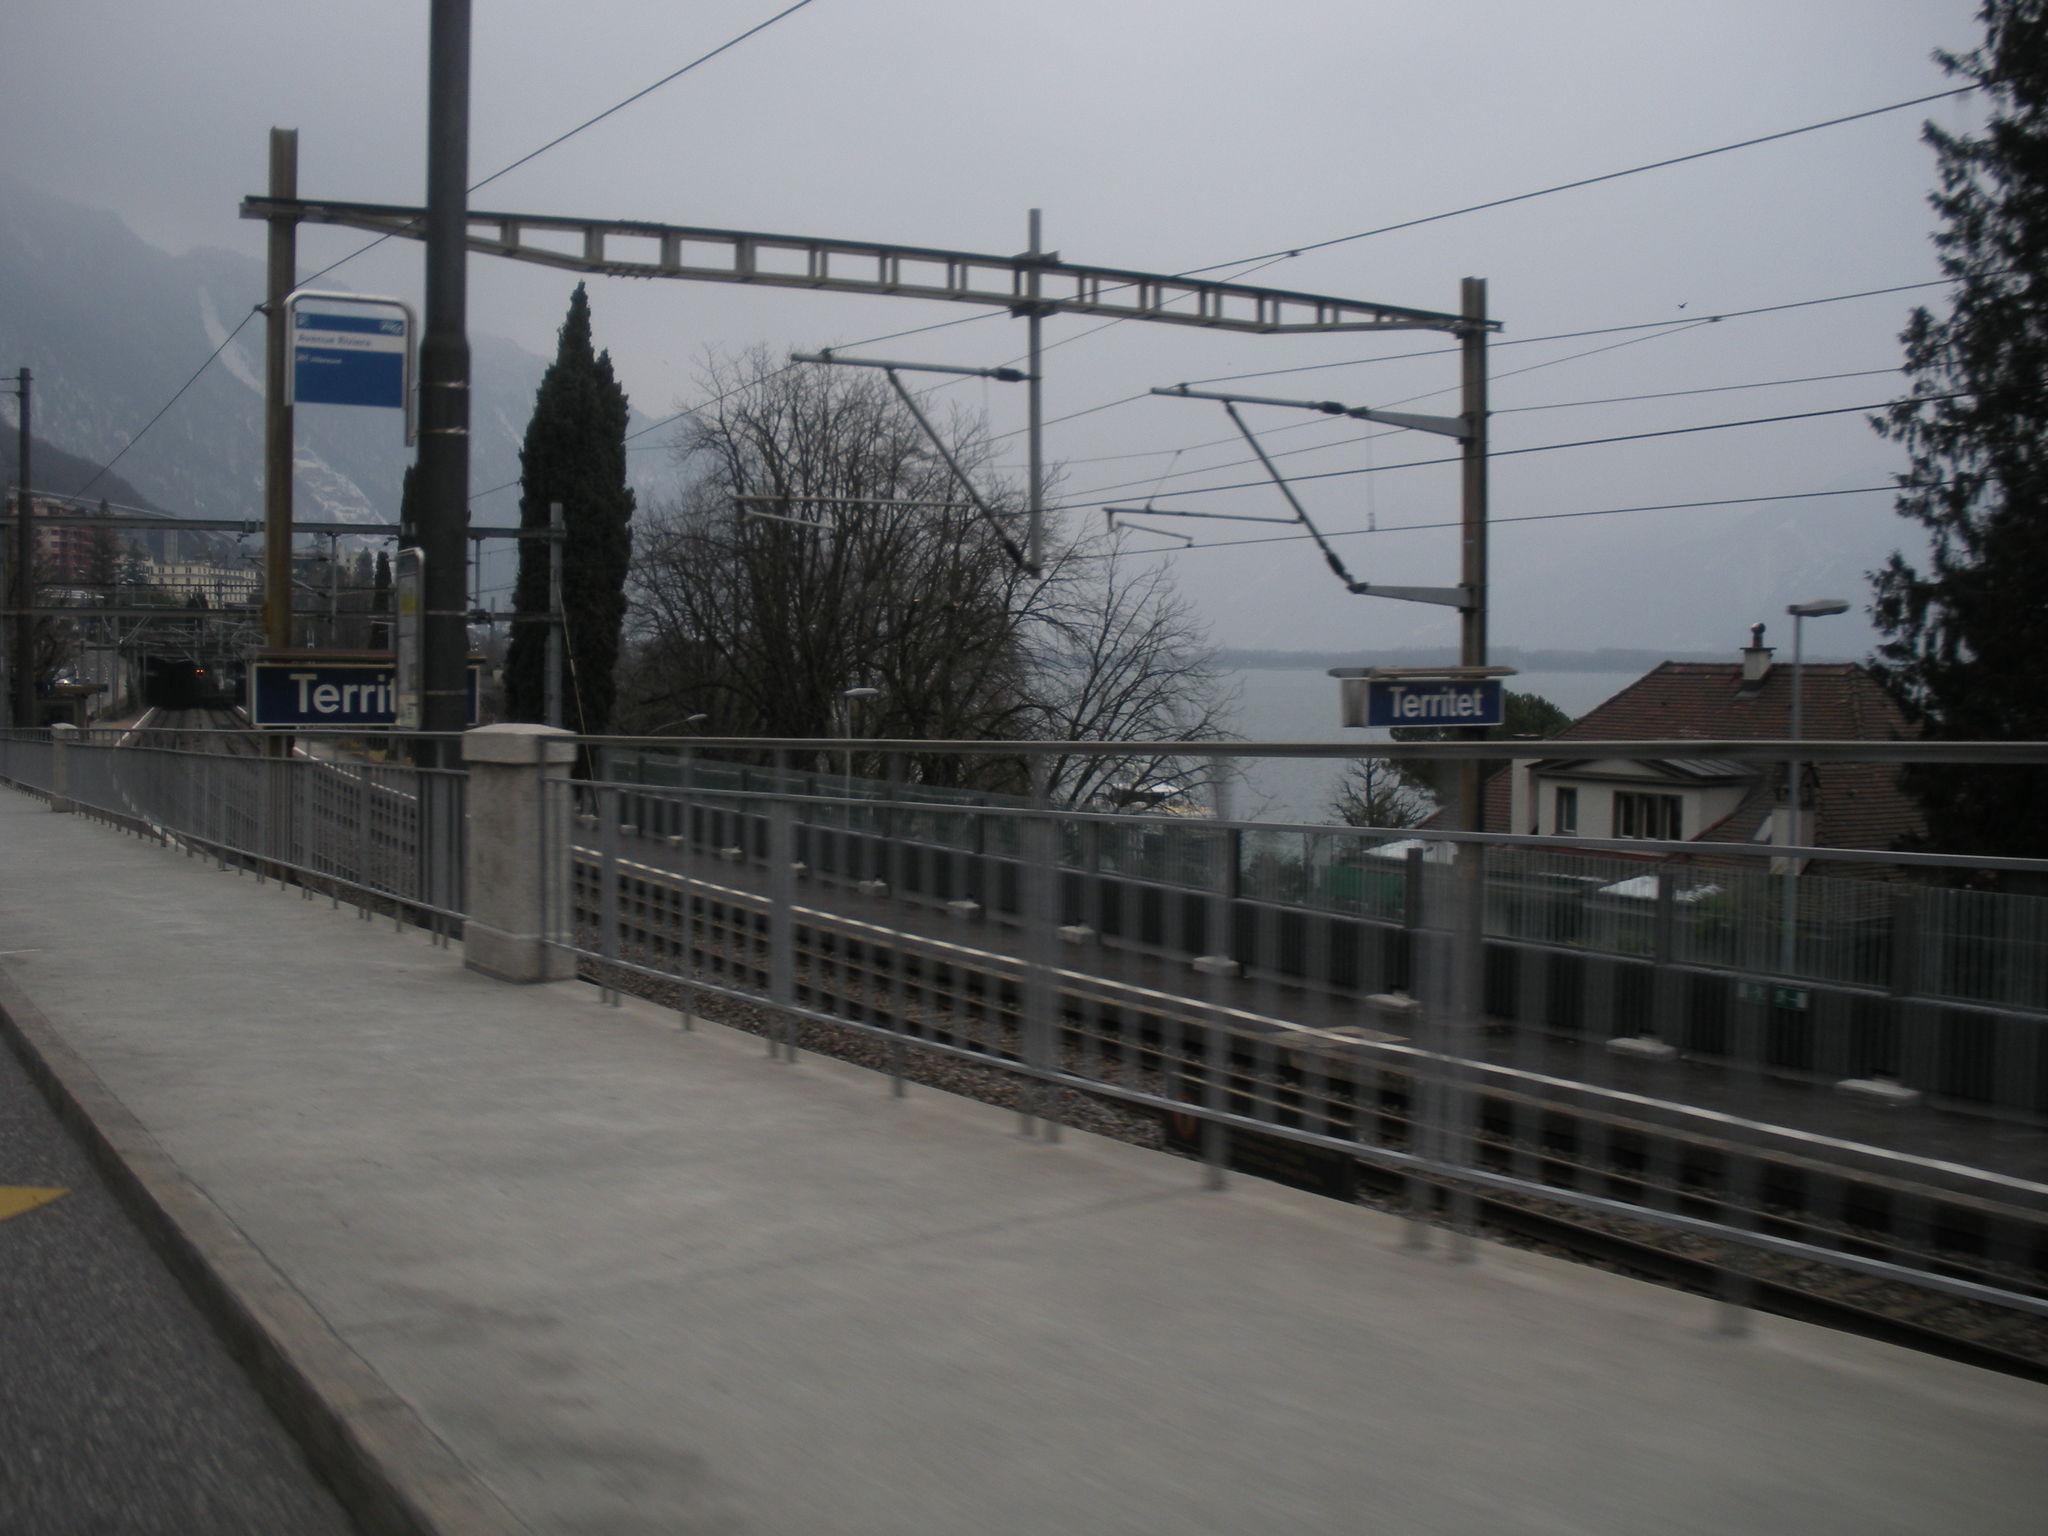 Territet (Suisse)